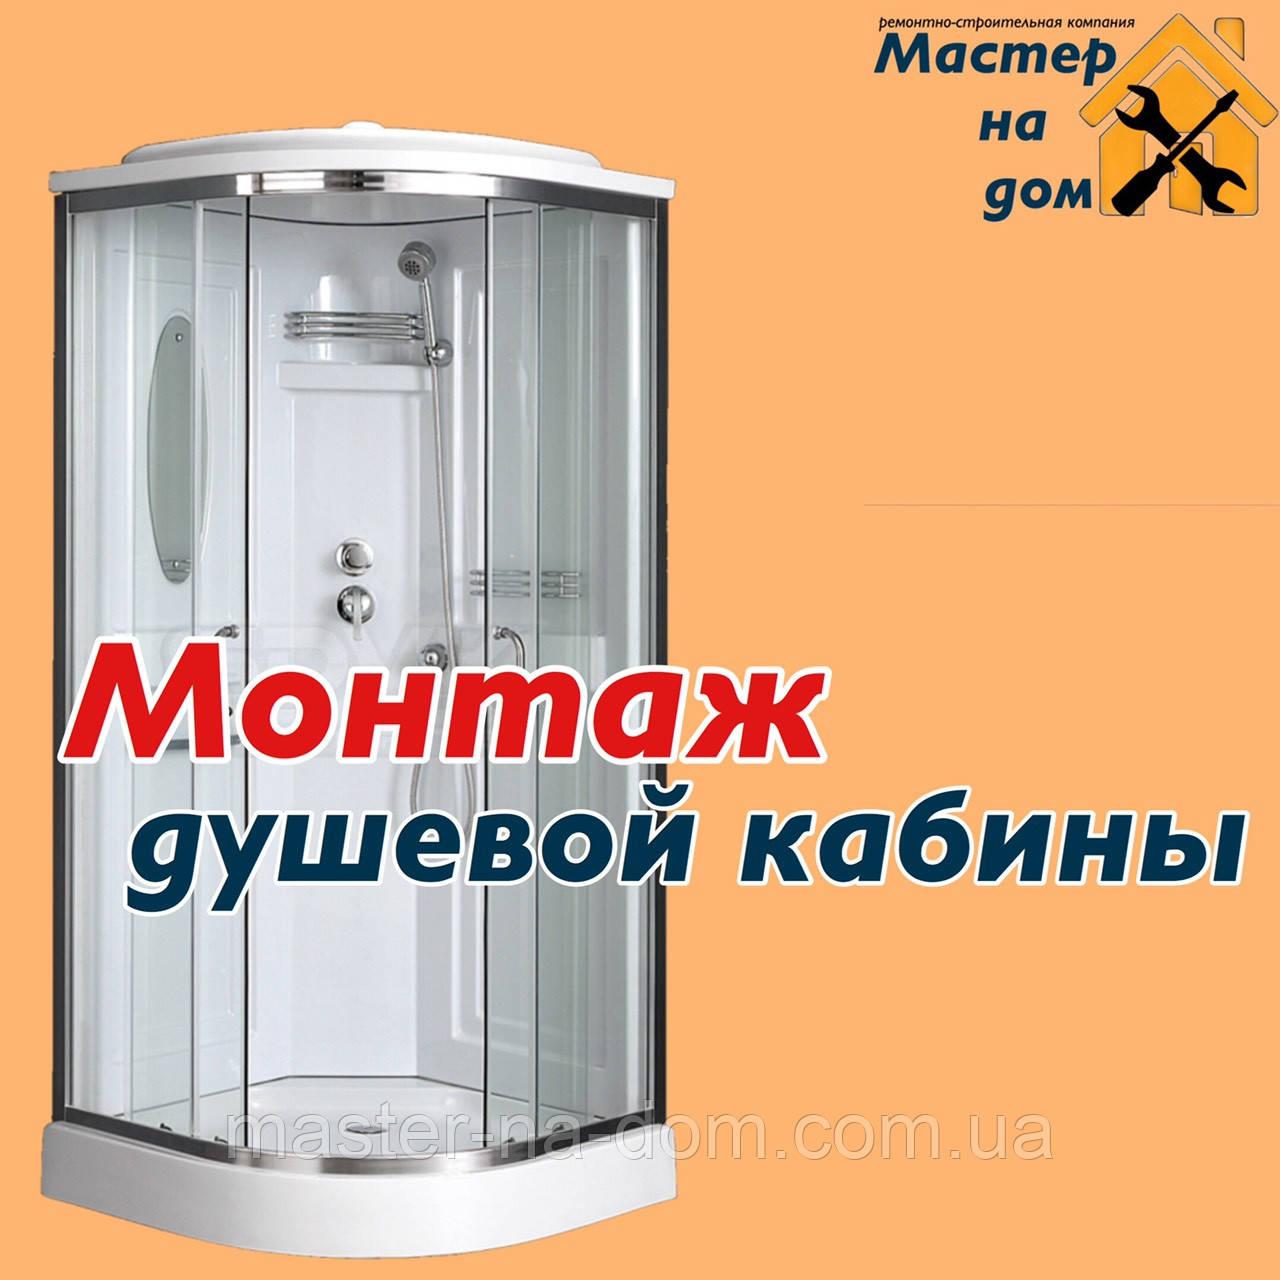 Монтаж душової кабіни в Ужгороді